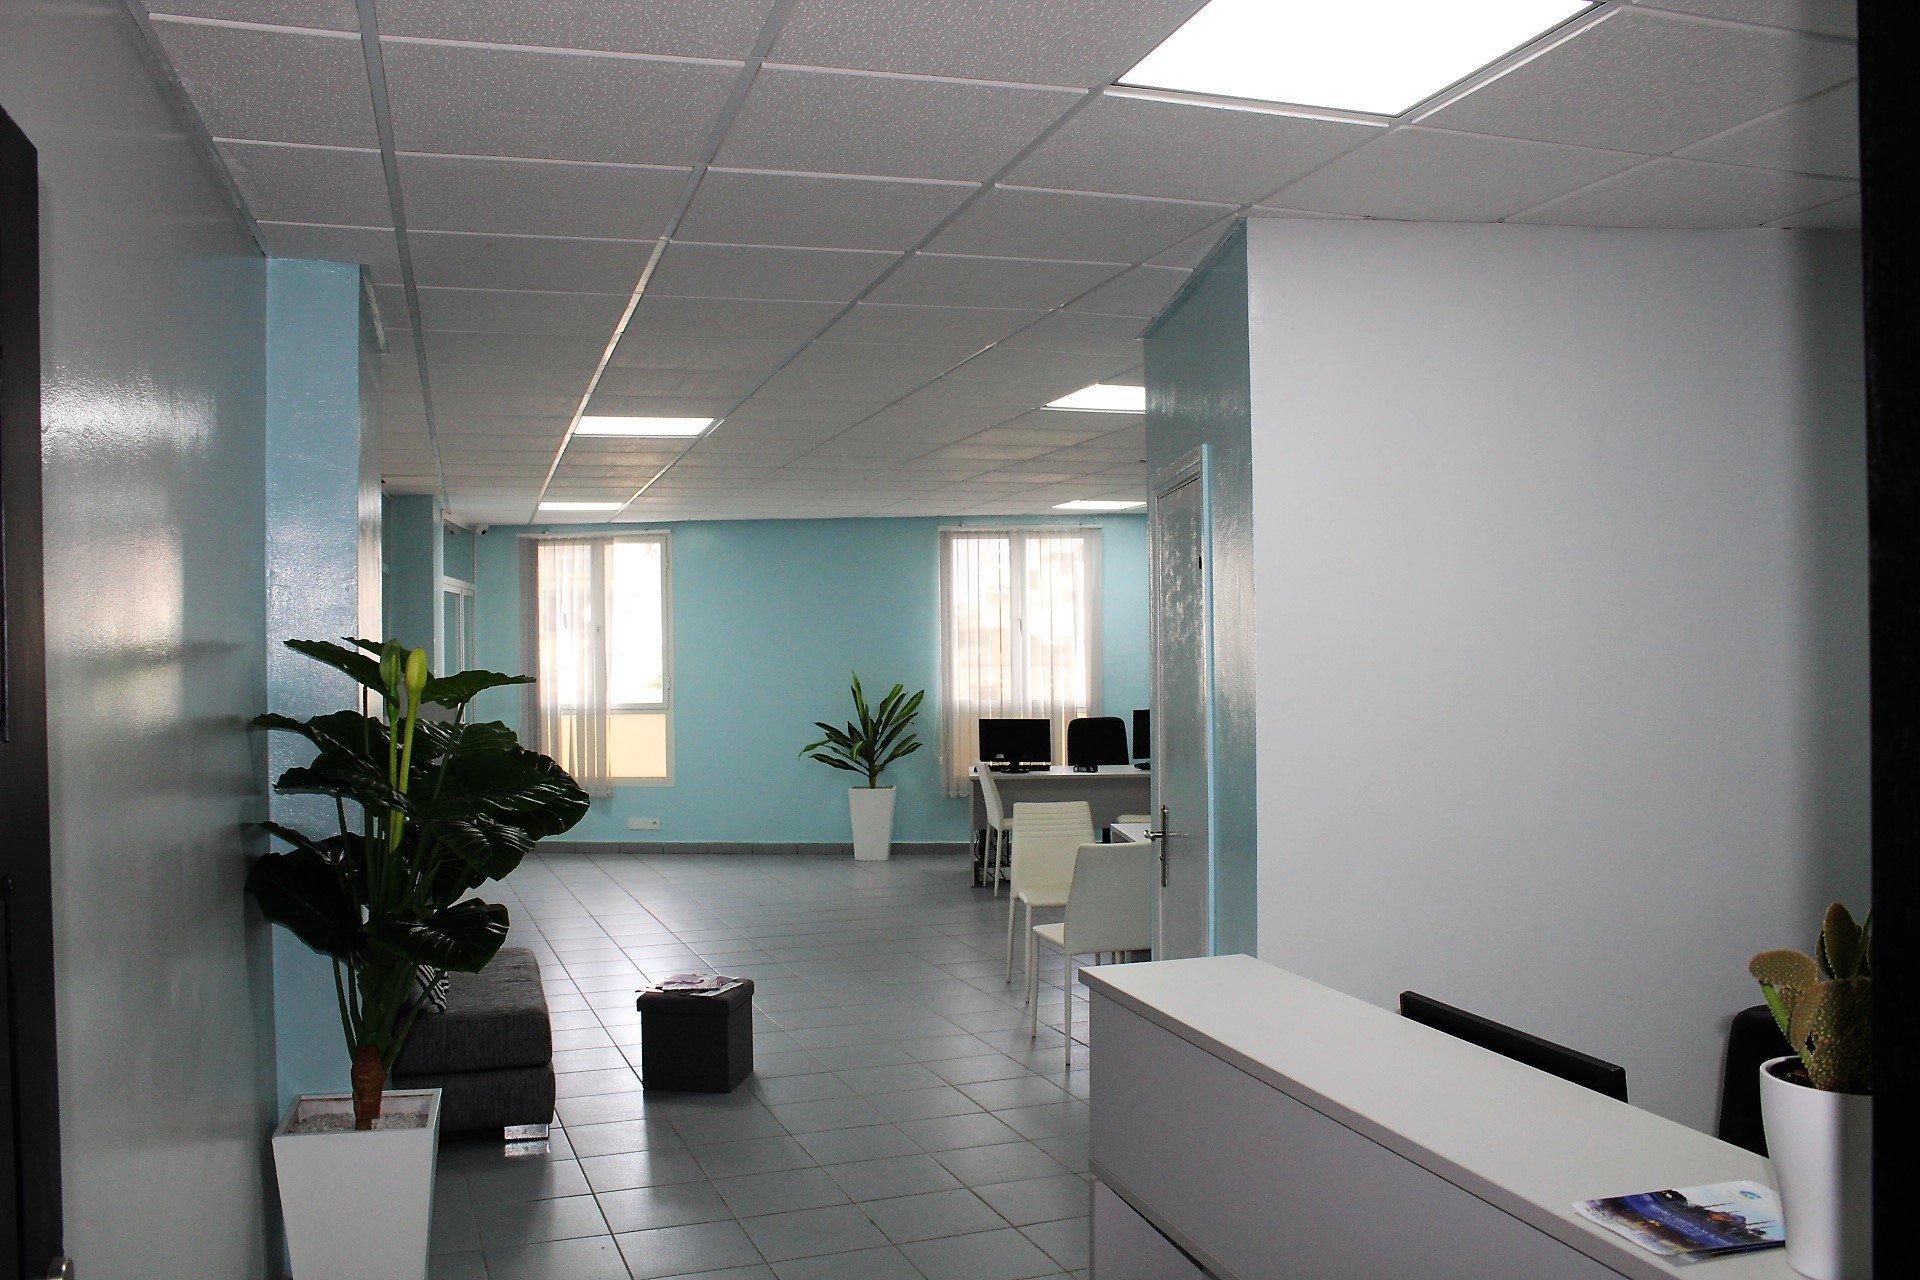 Maroc, Casablanca, Bld Anfa, différents bureaux modernes à louer